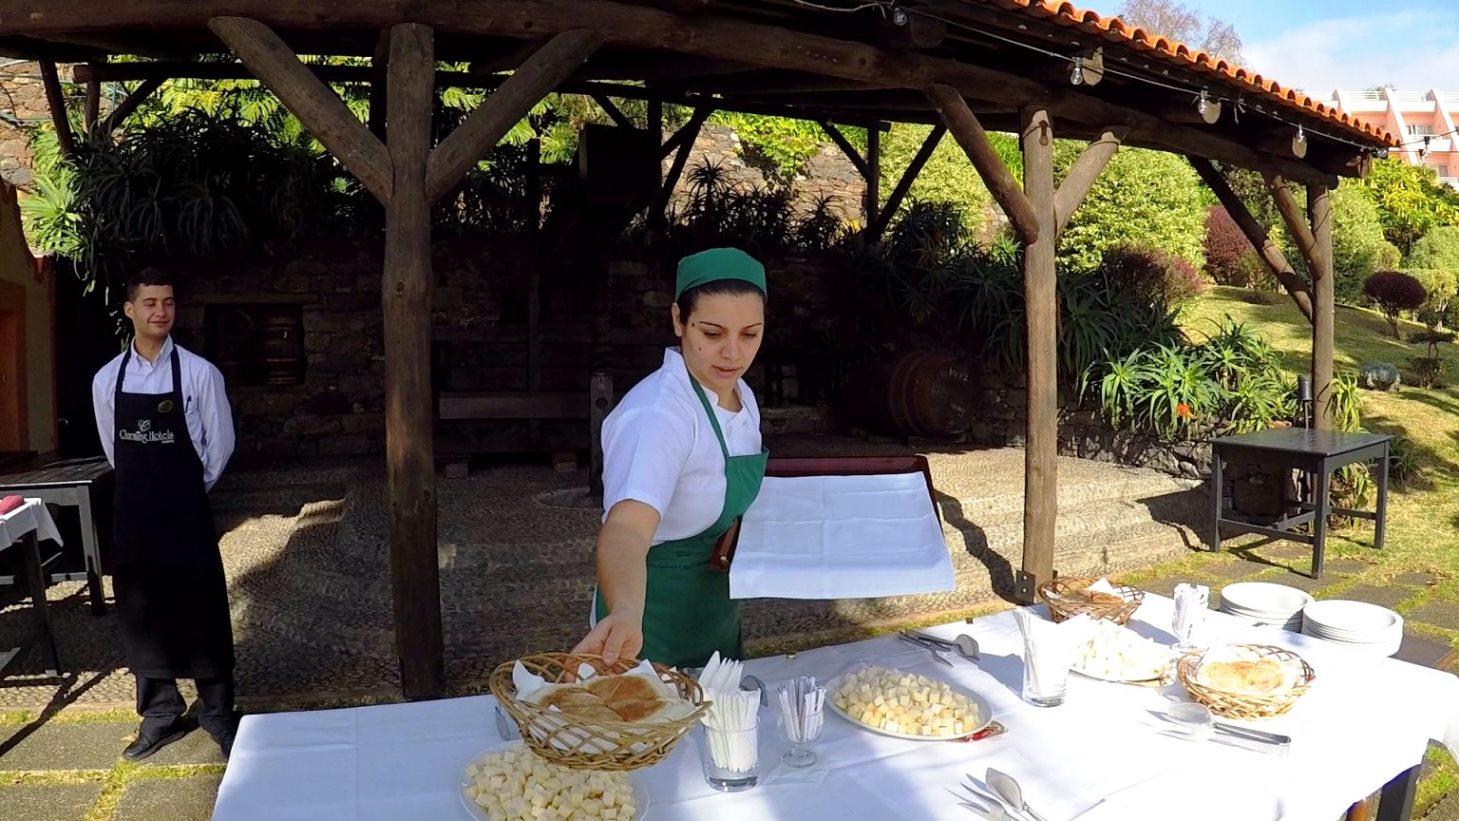 Brot und Käse wird serviert !